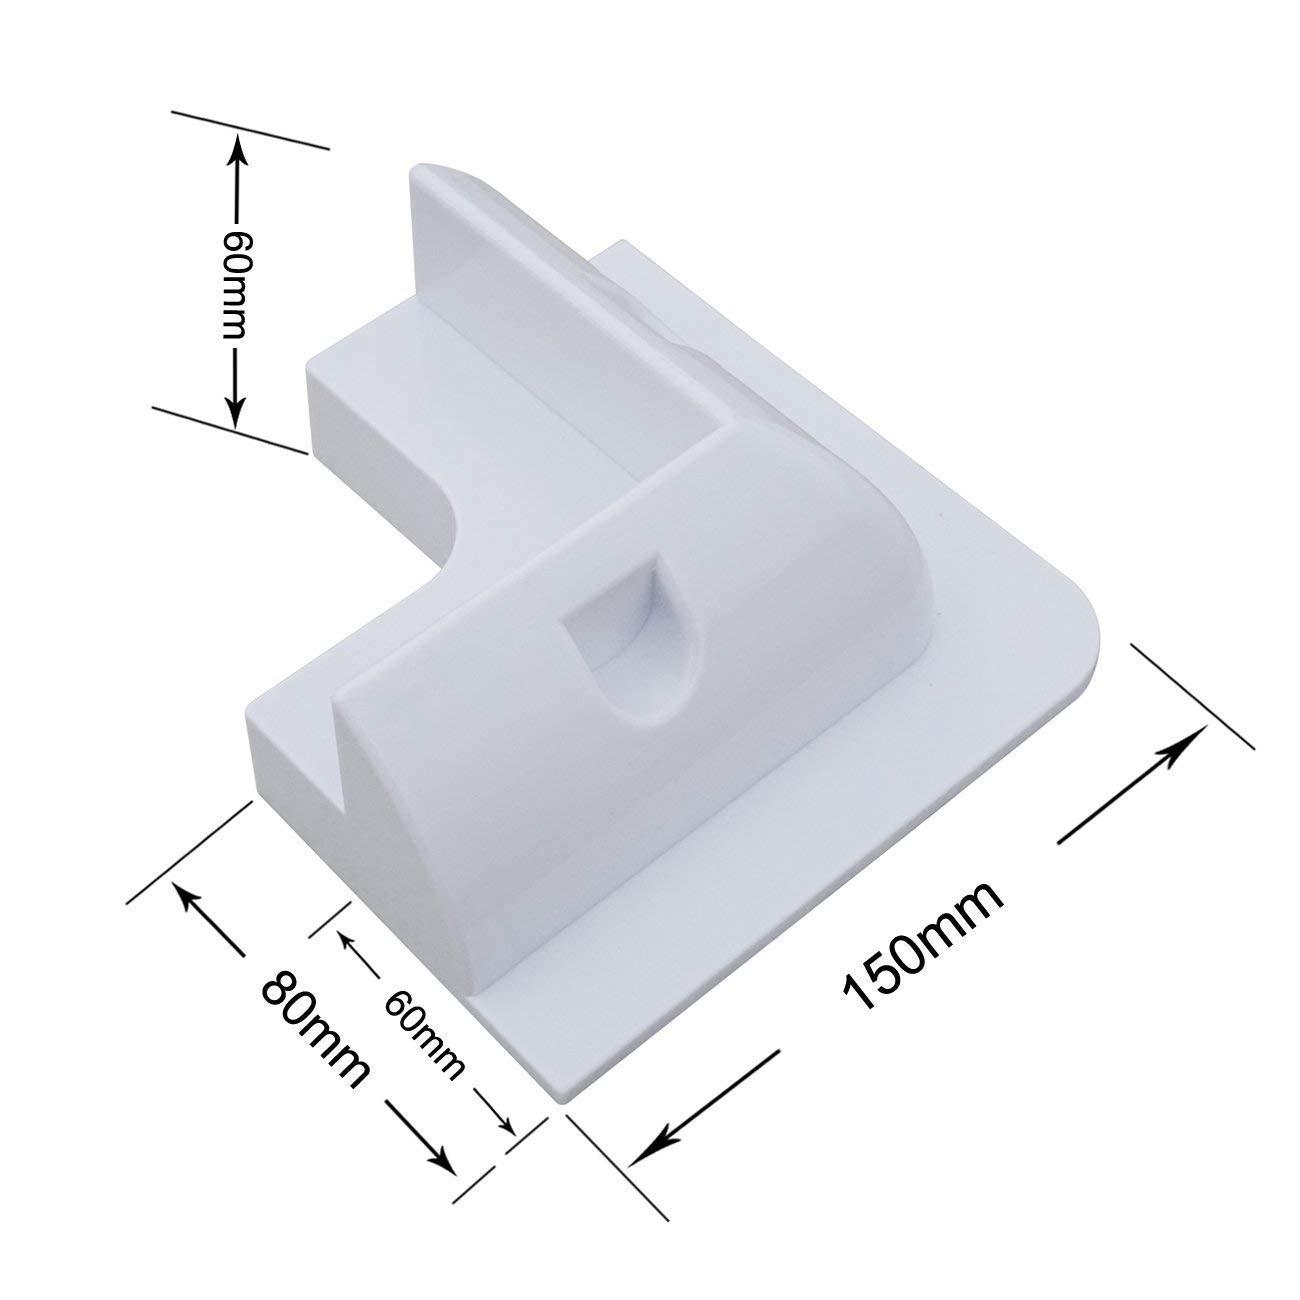 ECOWORTHY Soporte 4x para montaje en panel solar Kit esquina blanco, adhesivo, caravana: Amazon.es: Industria, empresas y ciencia